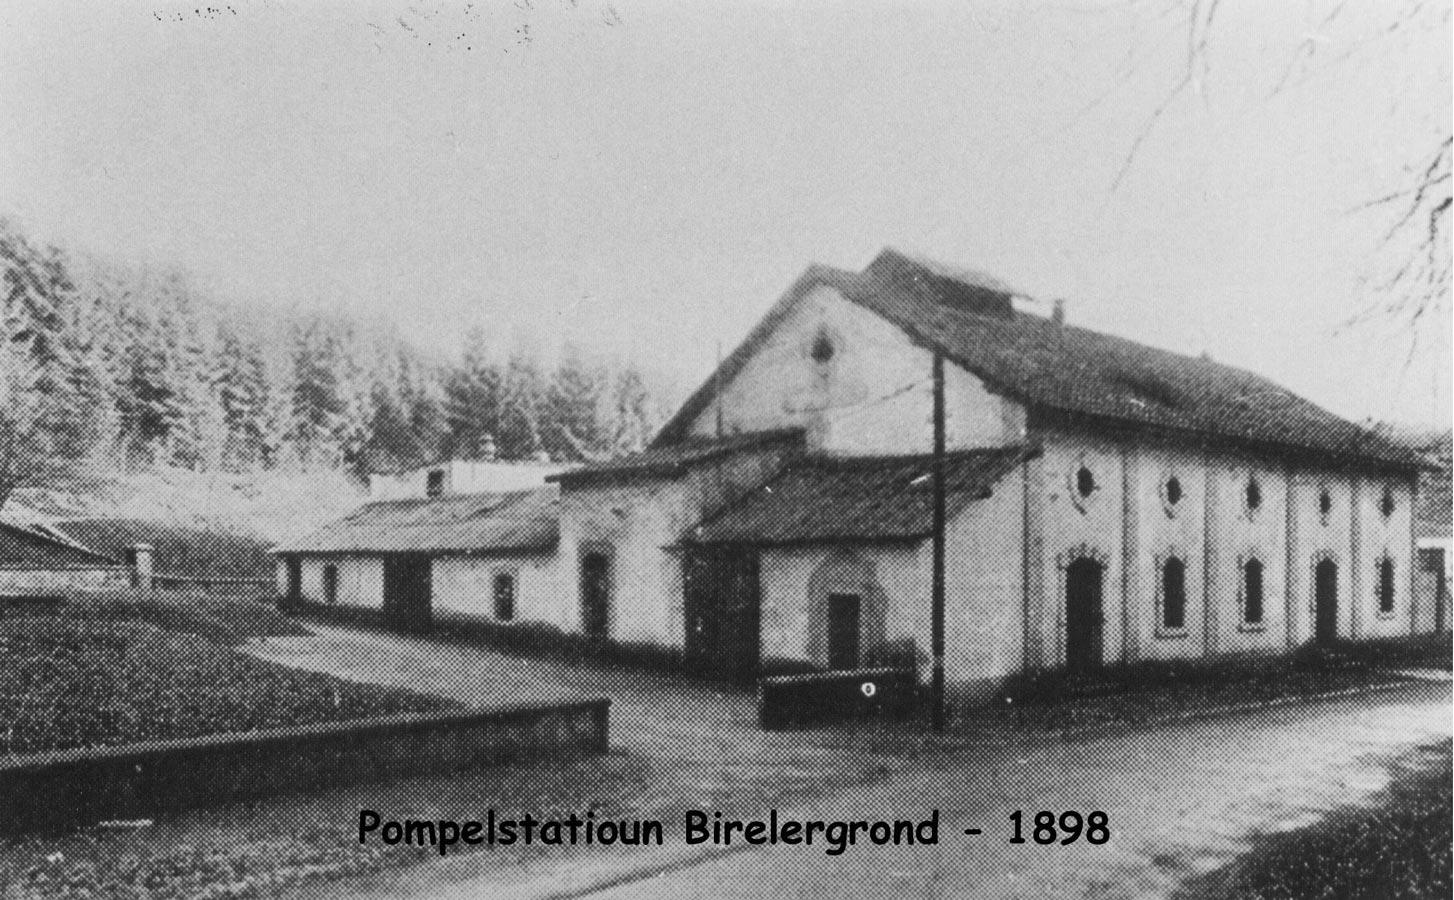 Station de pompage / Pumpstation, Birelergrund, 1898 © photographe inconnu, droits réservés, Collection Jos Feller, Sandweiler